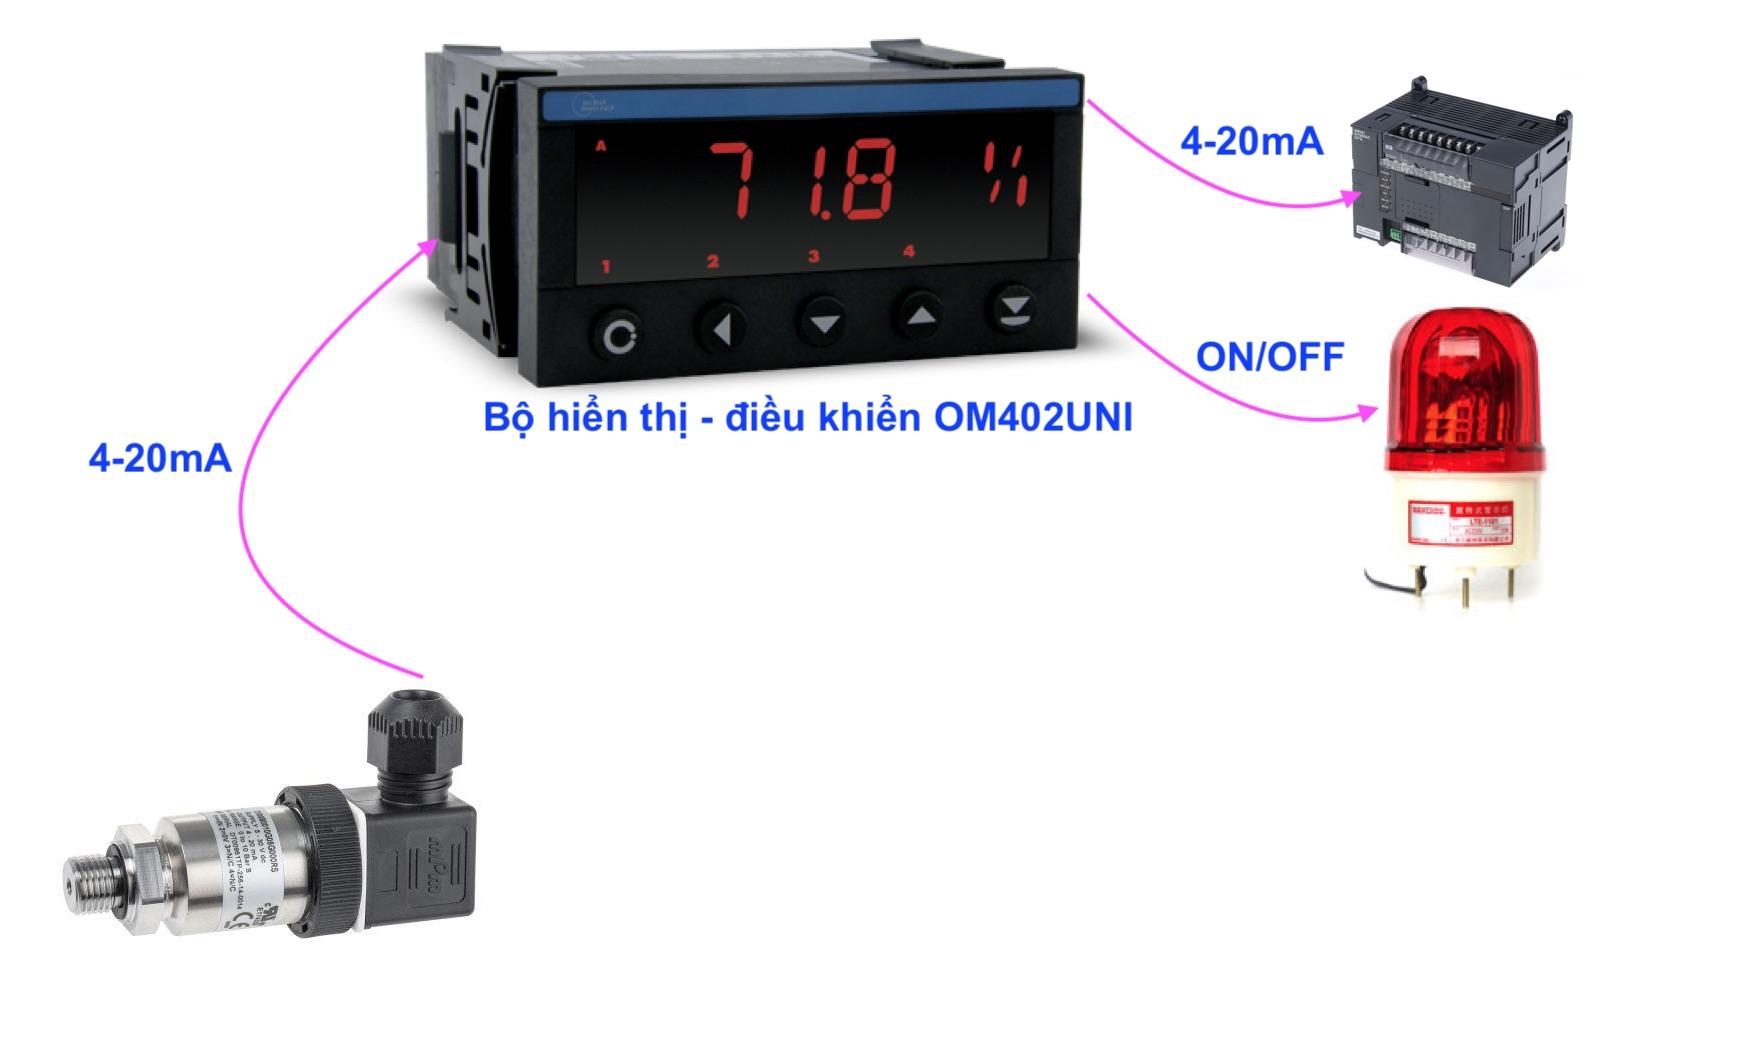 Bộ điều khiển áp suất và hiển thị